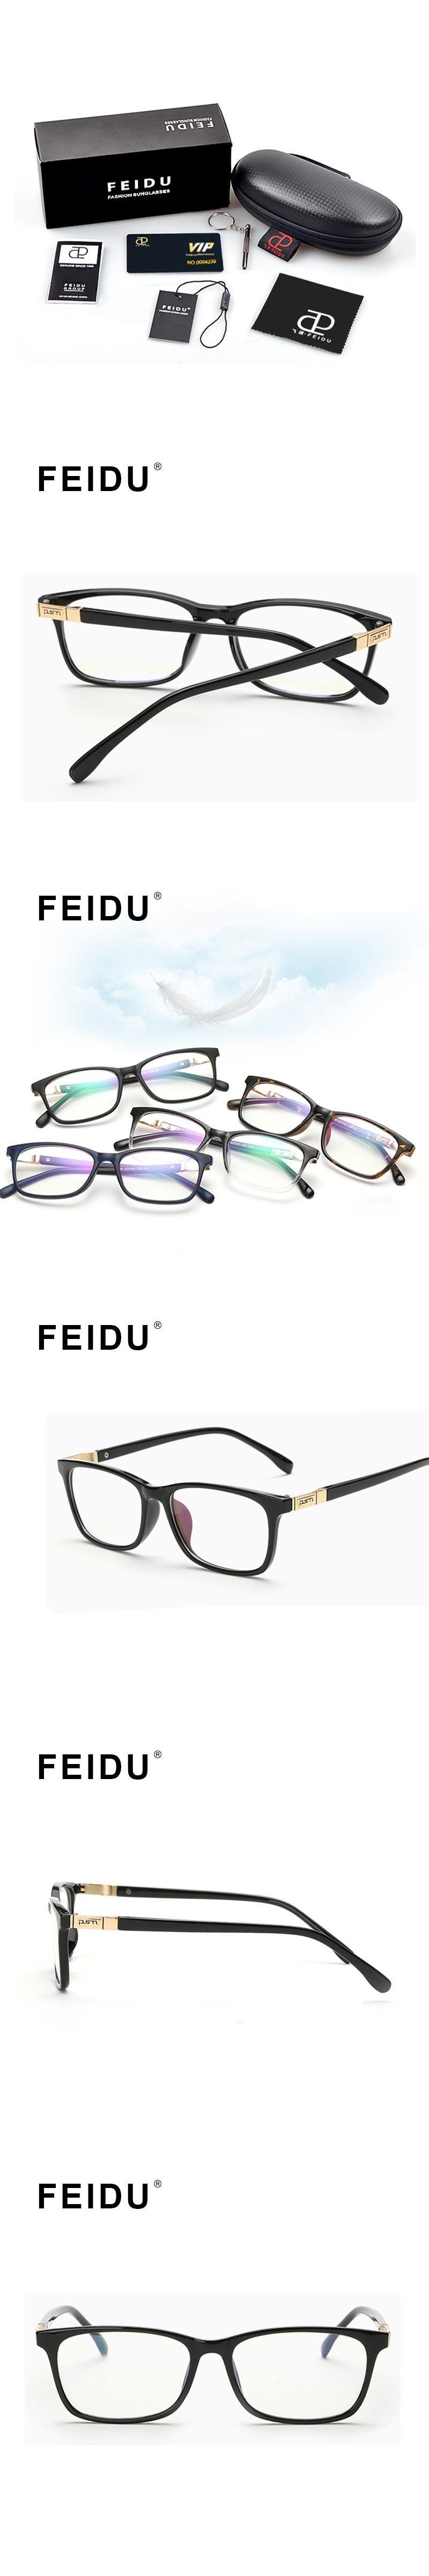 Mens Fashion Eyeglass Gold Ultralight Titanium Frames Eye Glasses Frames For Men Optical Frame Thin Leg Half-rimmed Glasses 93 Apparel Accessories Men's Glasses